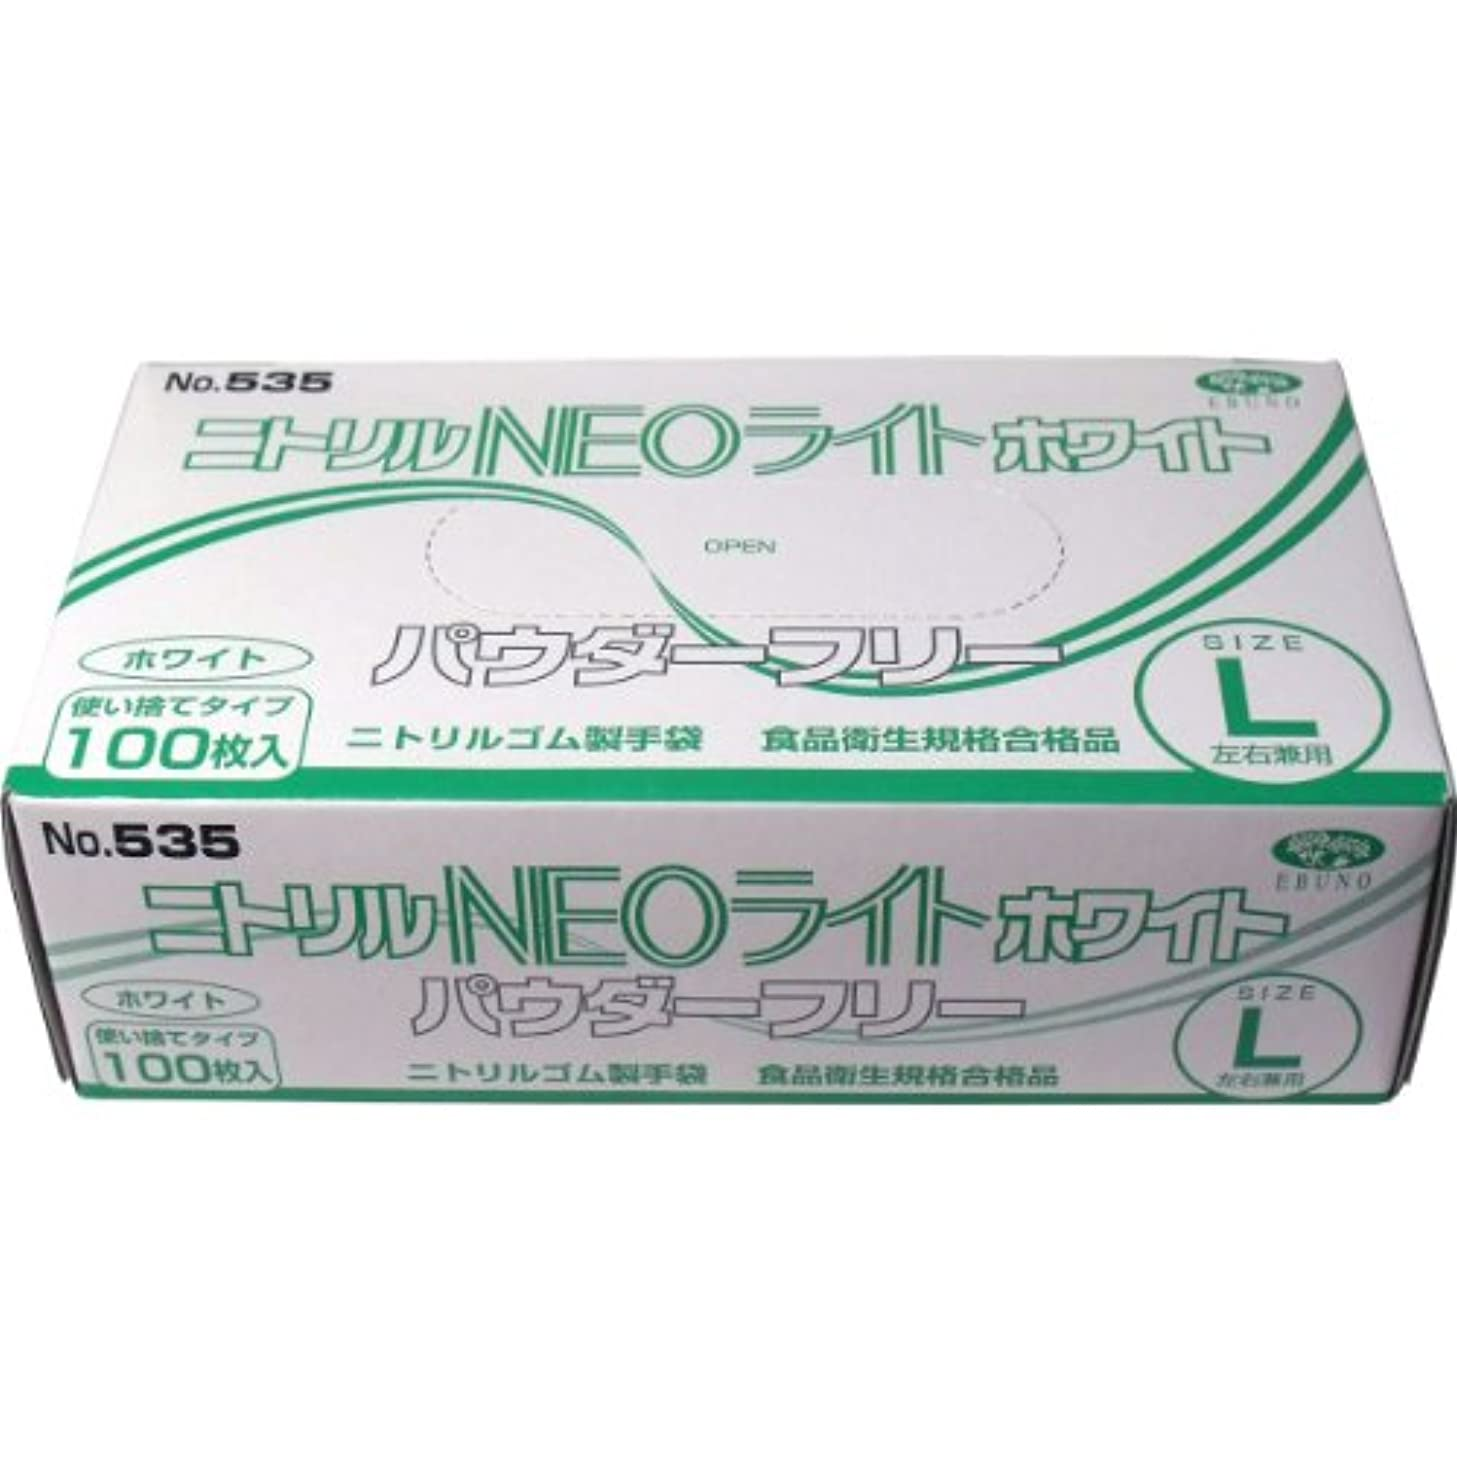 部屋を掃除するメニューうそつきニトリル手袋 NEOライト パウダーフリー ホワイト Lサイズ 100枚入